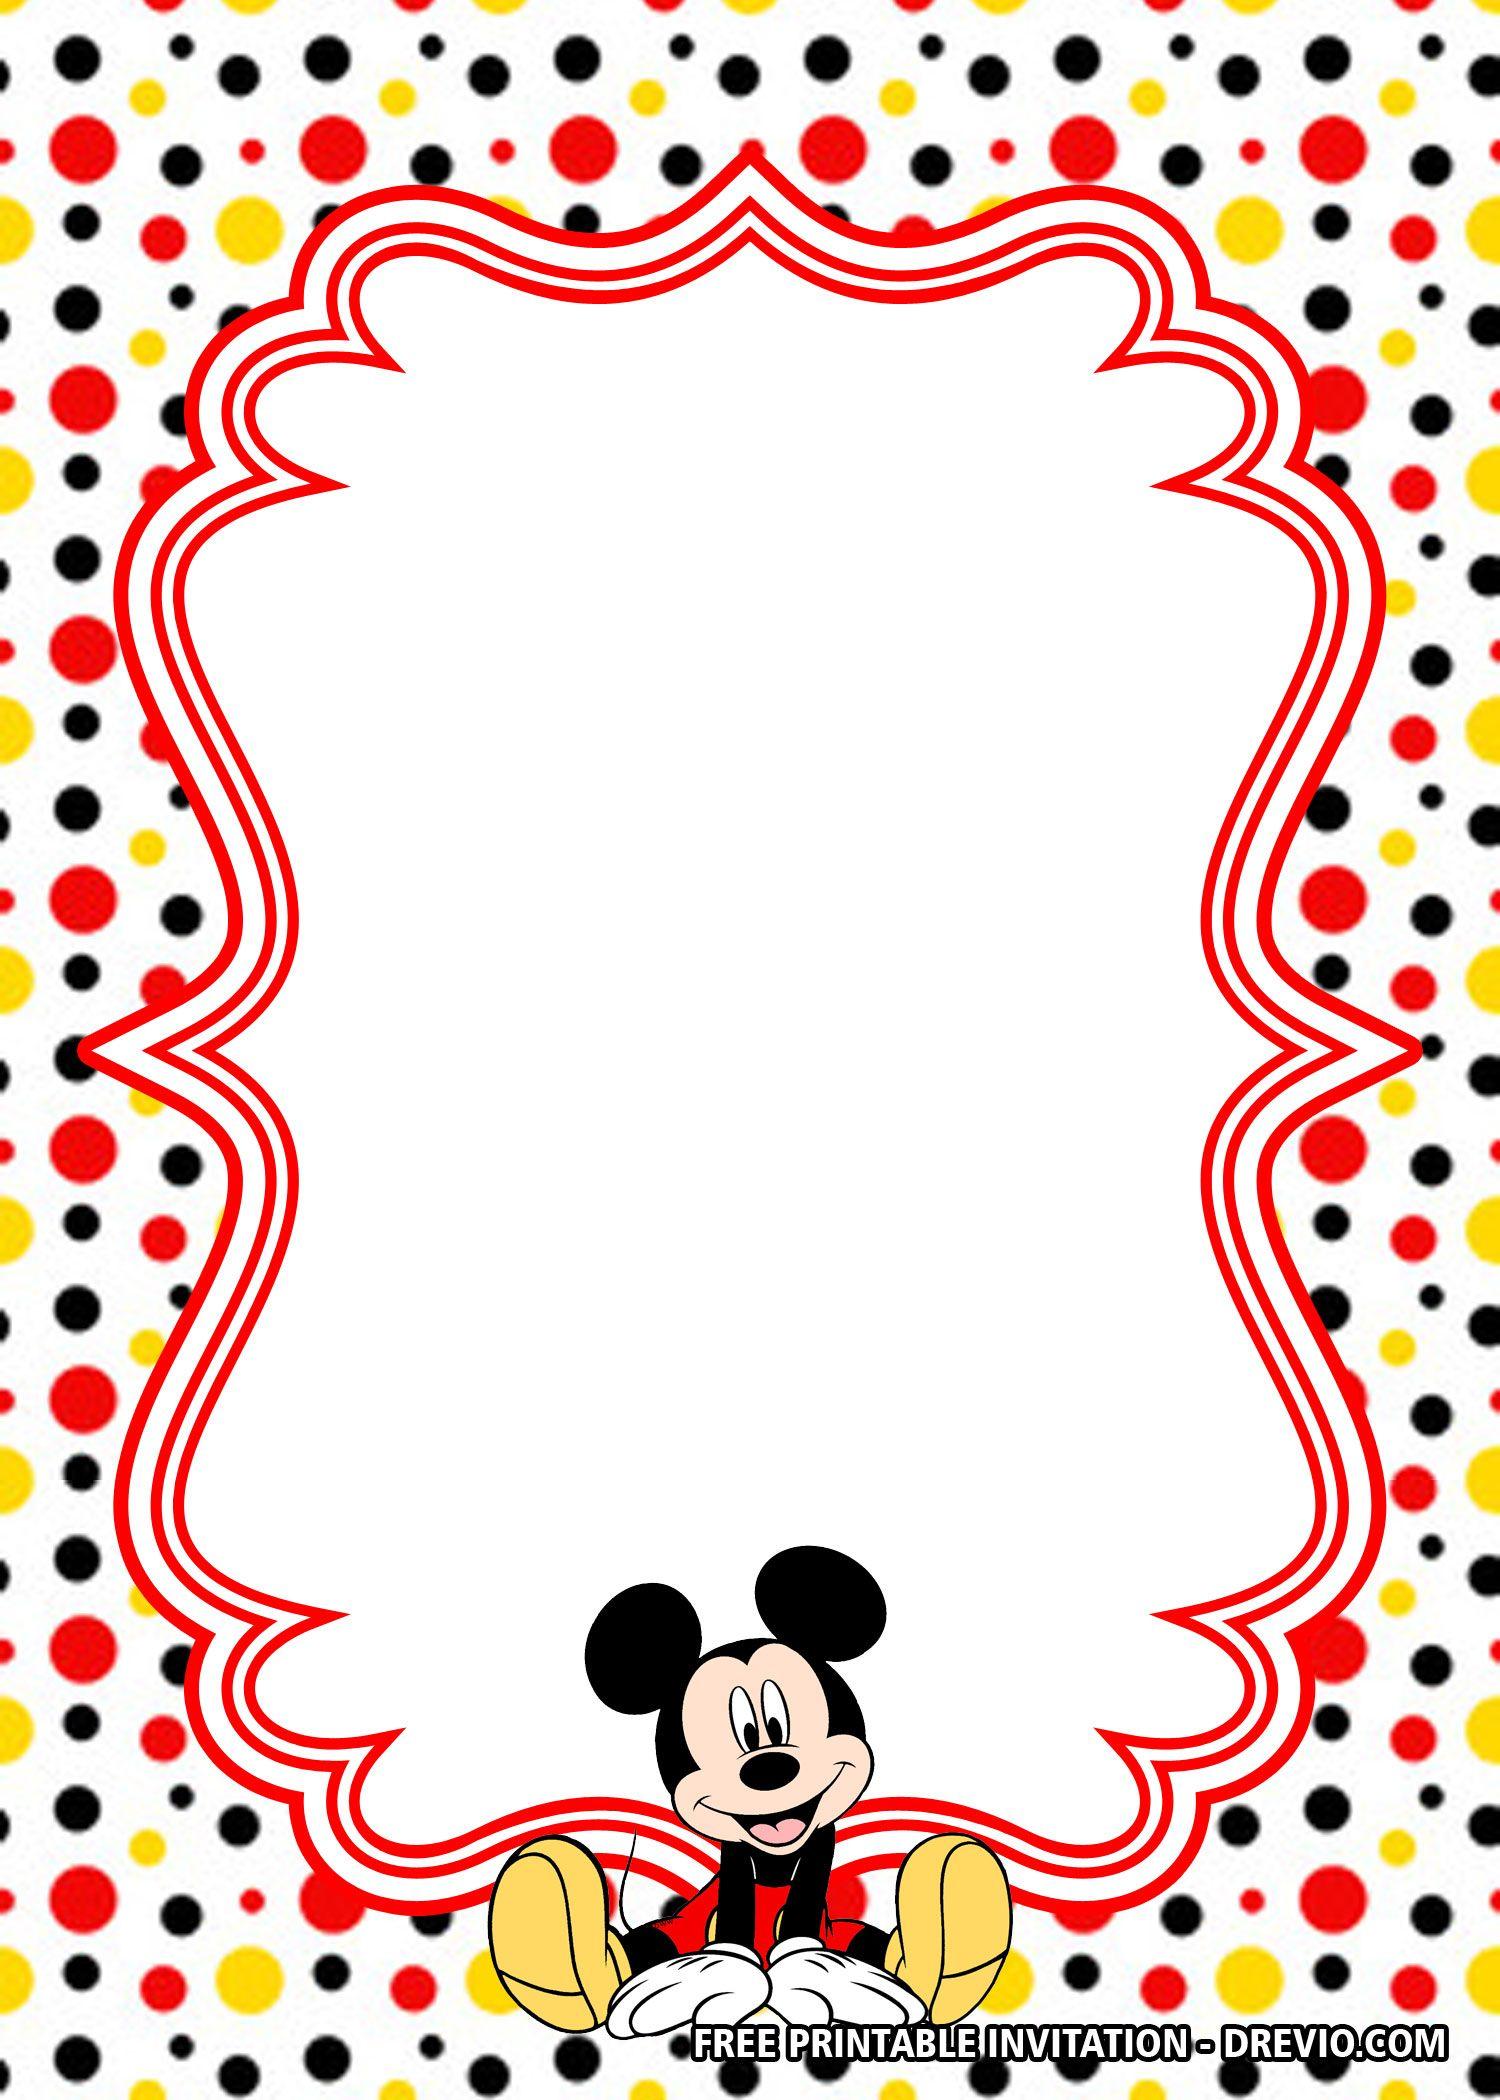 Free Polkadot Mickey Mouse Invitation Templates Mickey Mouse Birthday Invitations Mickey Mouse Invitations Mickey Mouse Invitation